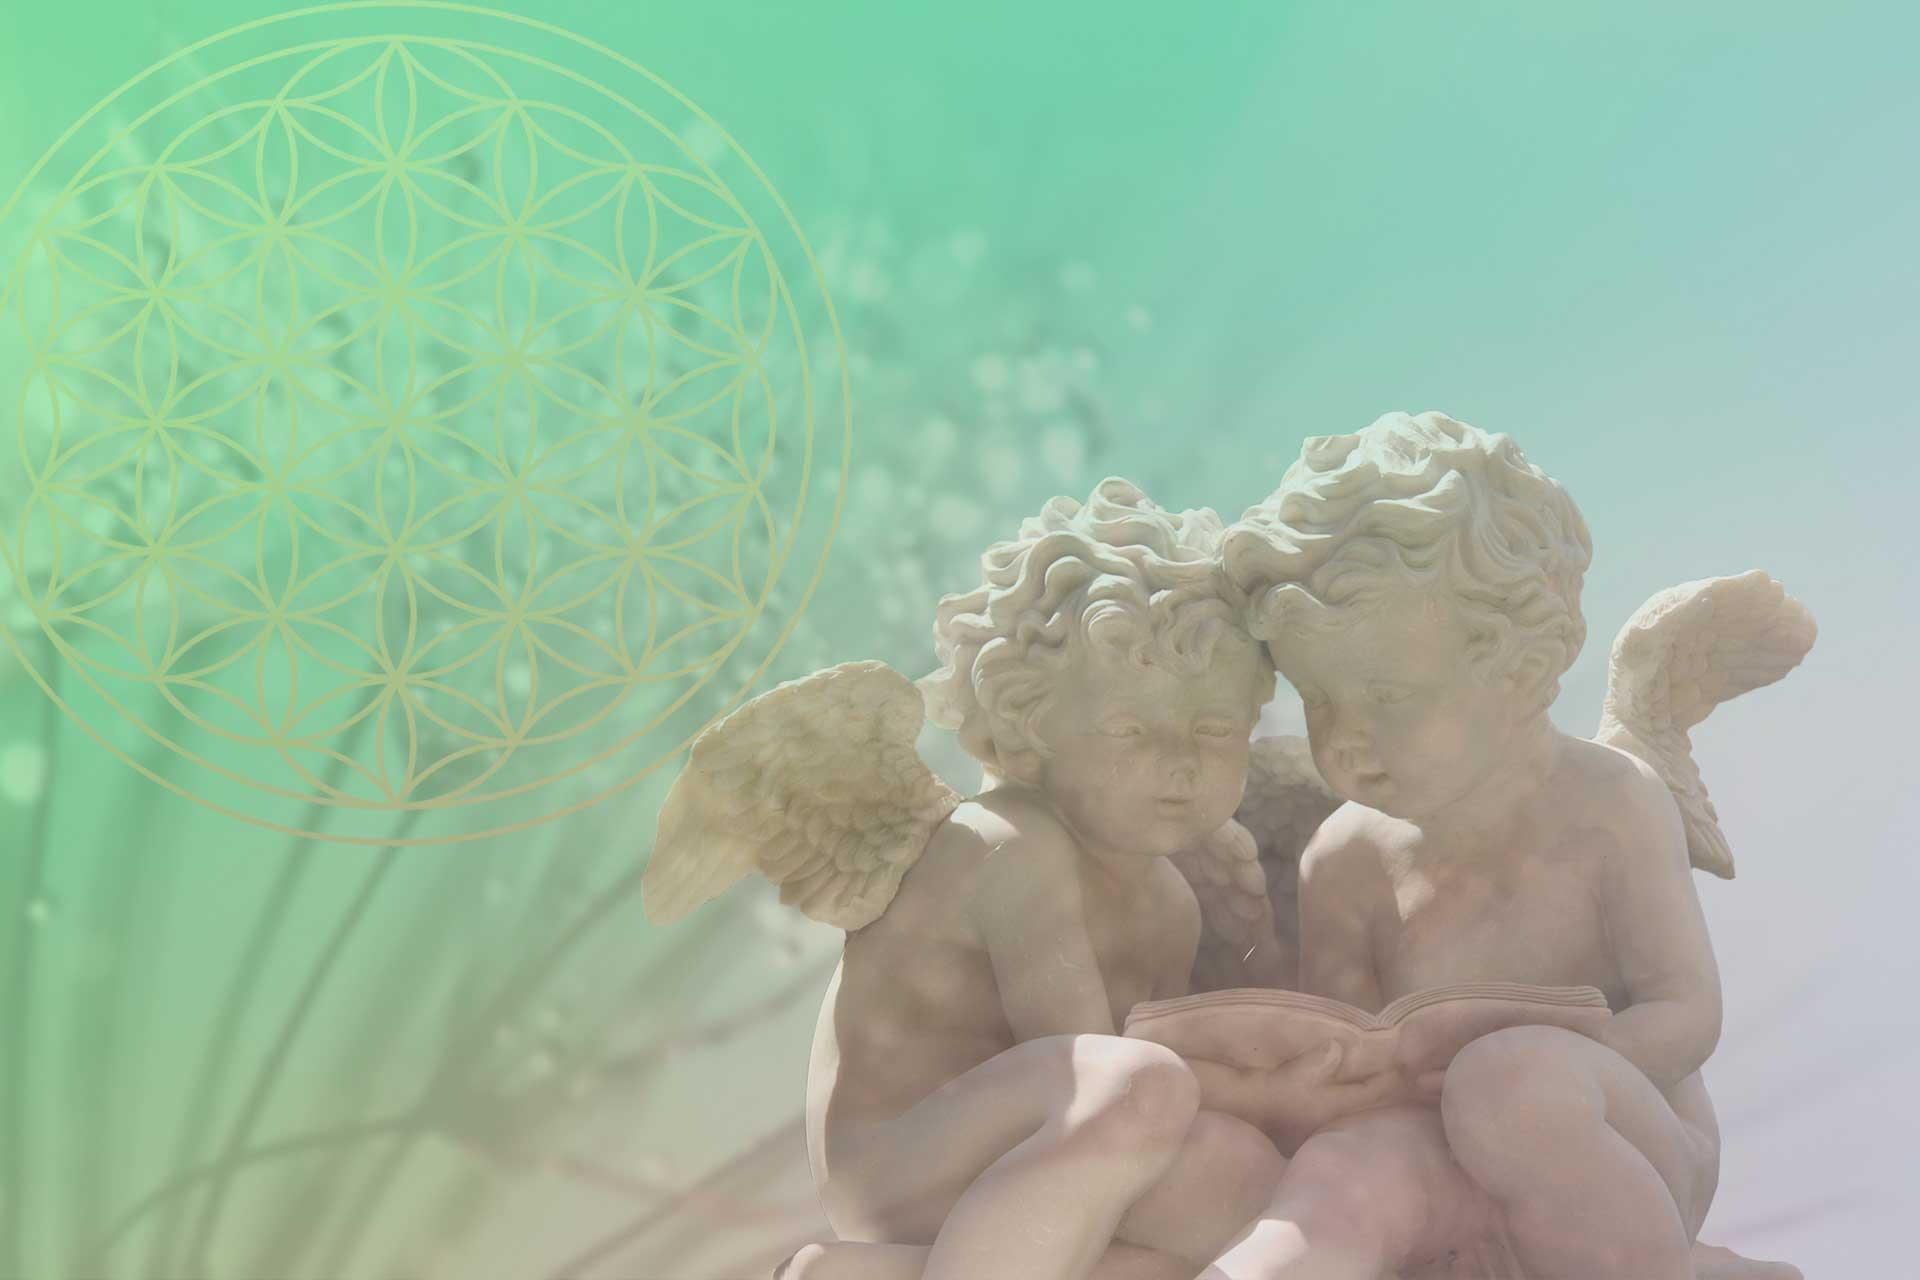 Zwei Engel - Geschichten zum Nachdenken. Erzählte Weisheit ...